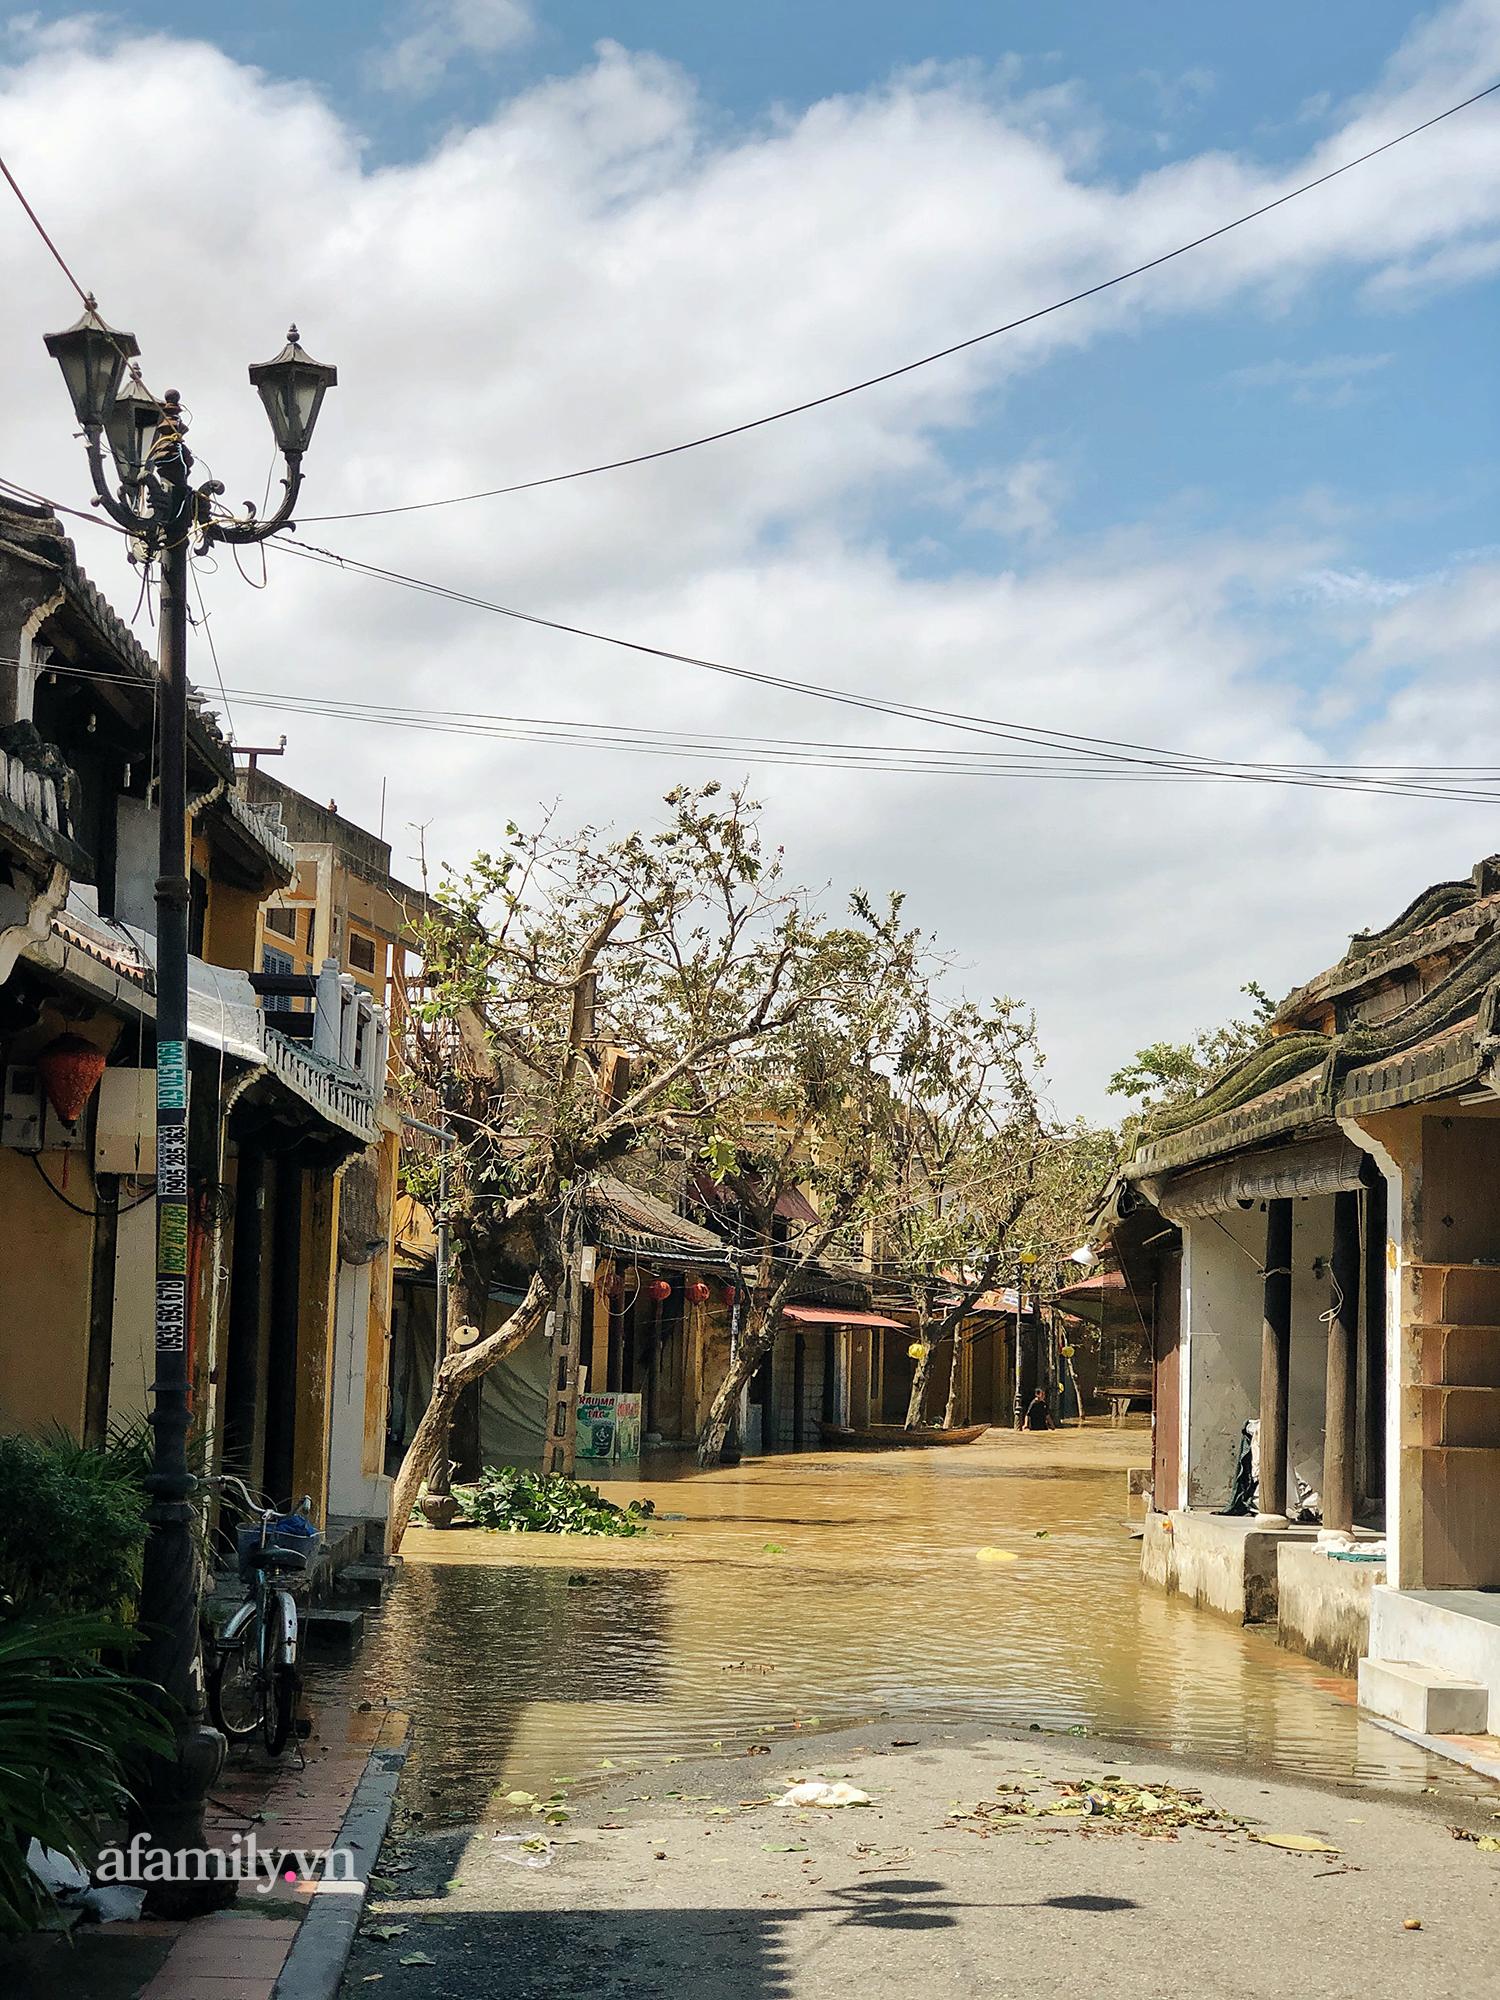 Hội An tan hoang sau bão số 9, những rặng hoa giấy rực rỡ ngày thường nay bỗng hóa xác xơ, nước sông Hoài dâng lên ngập cả nhiều tuyến đường trung tâm phố cổ - Ảnh 11.